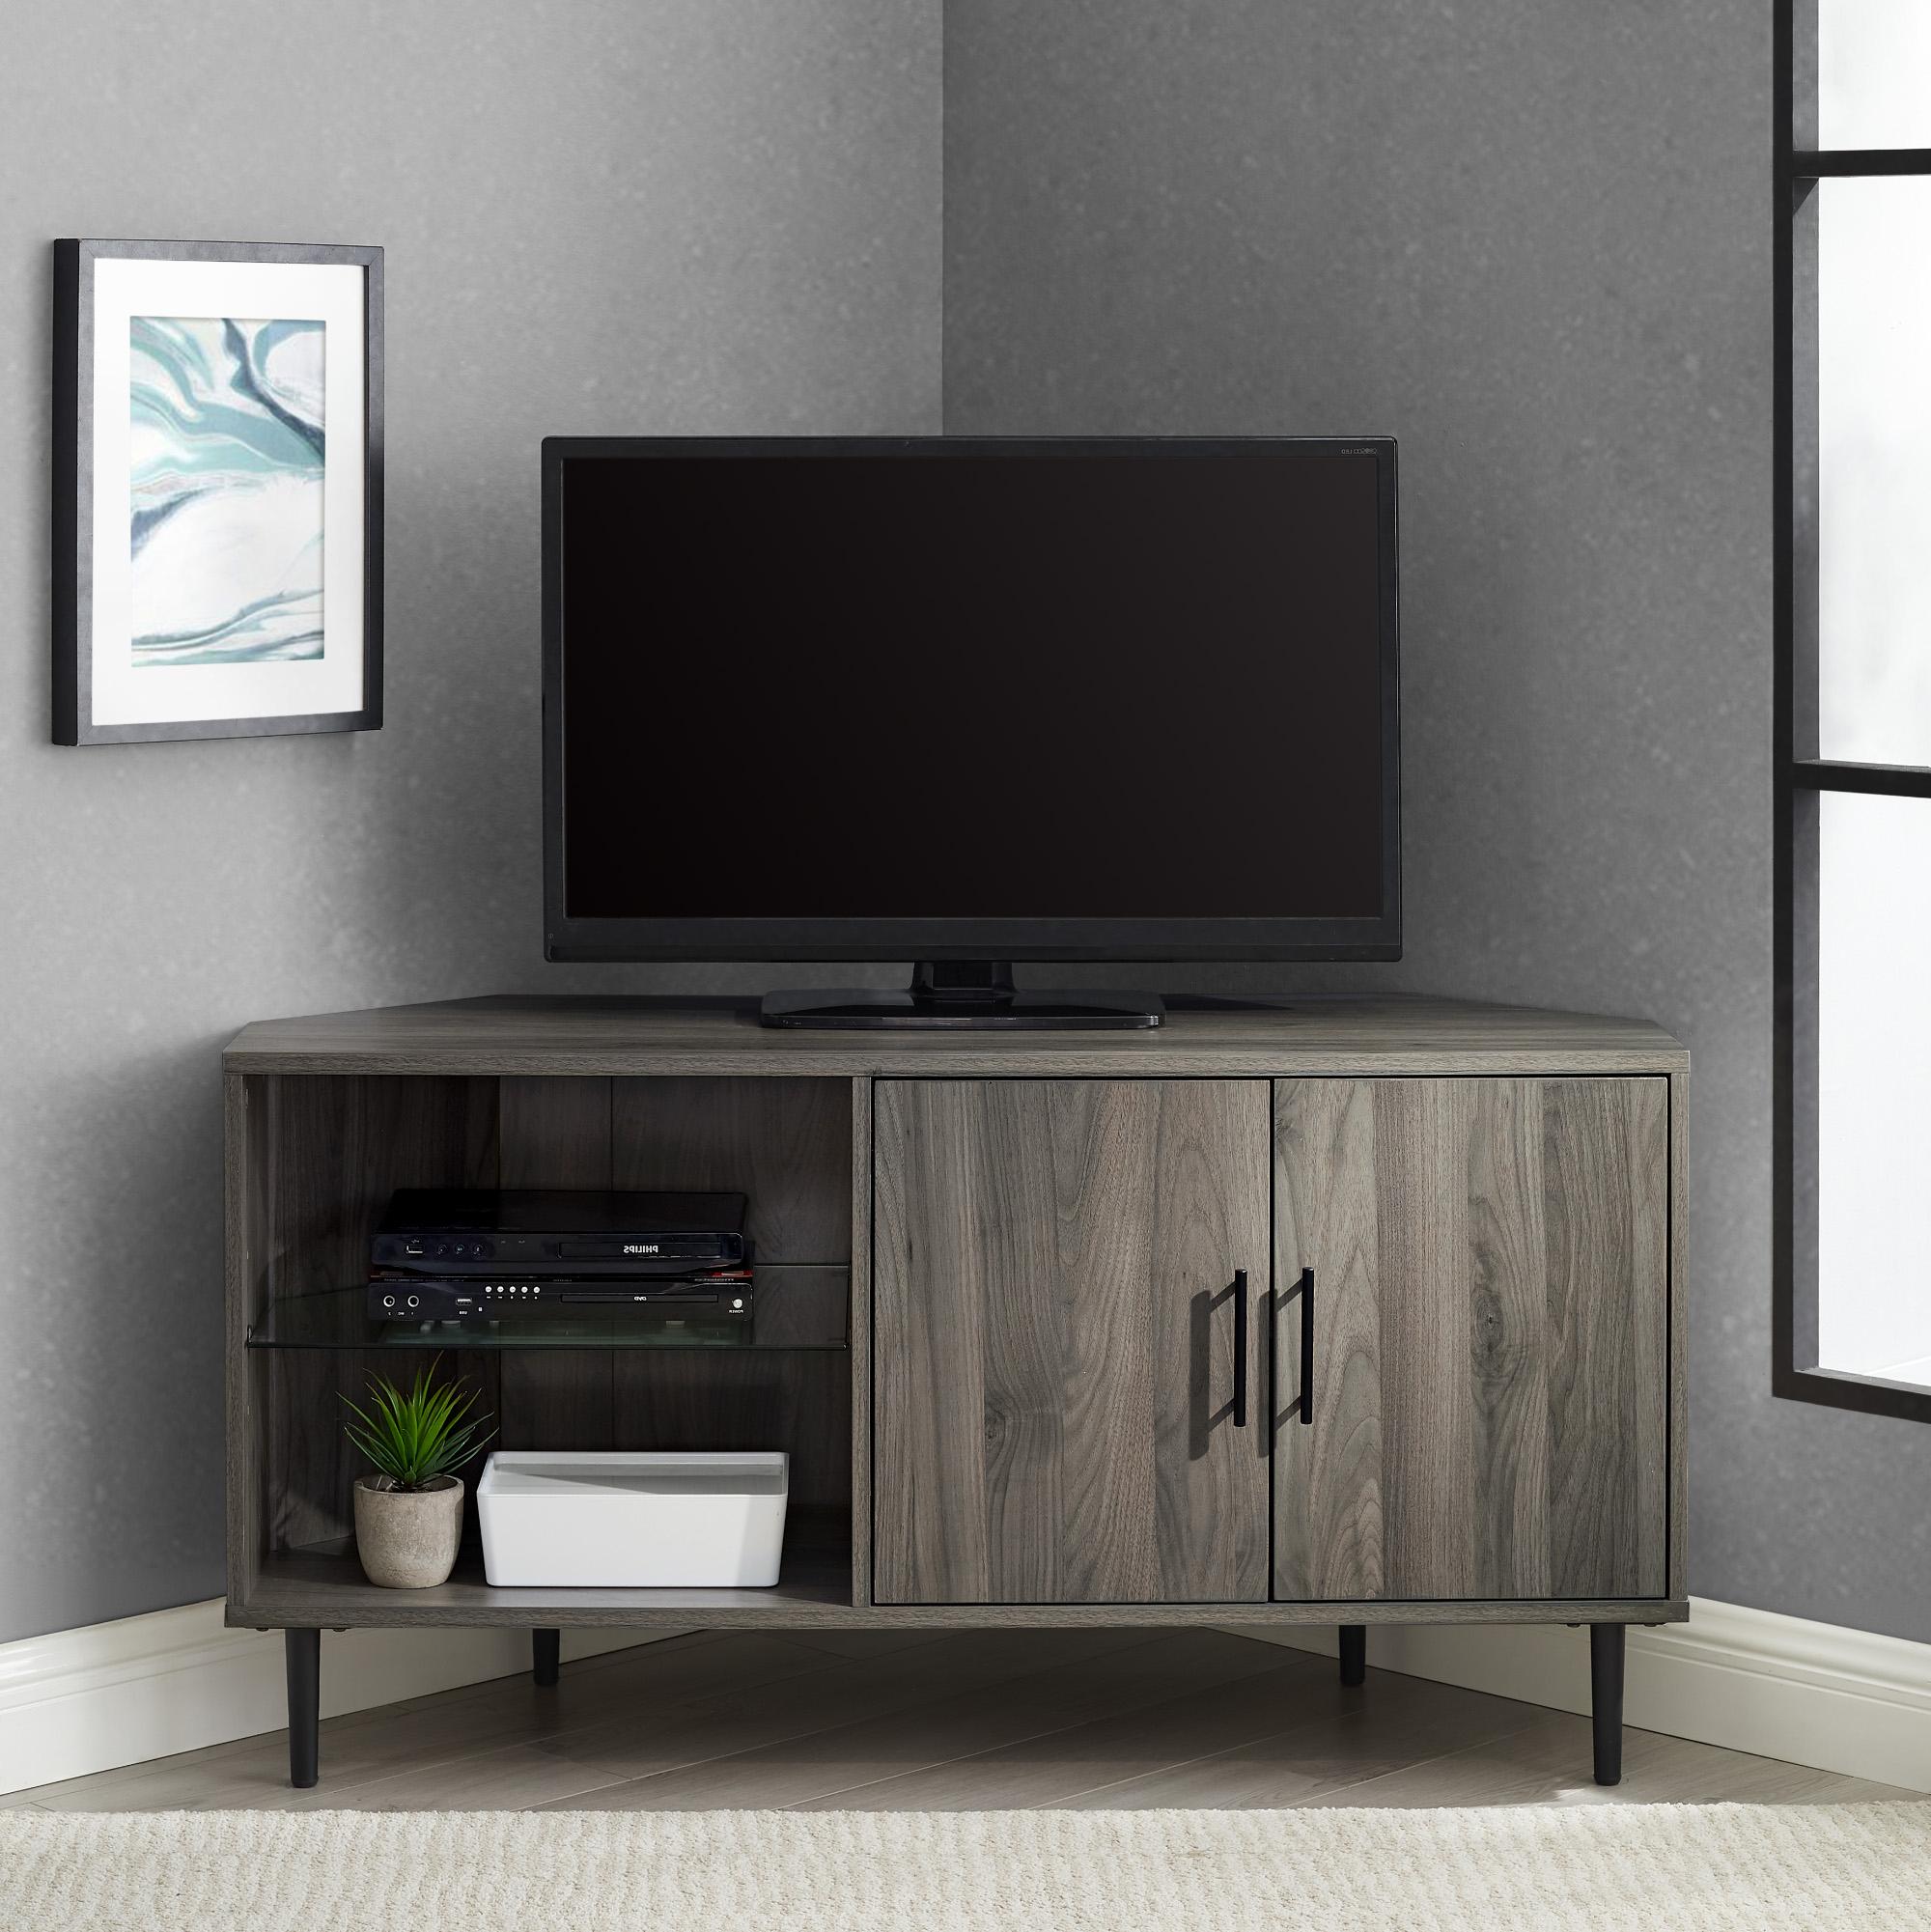 """Walker Edison Furniture Company 48"""" 2 Door Glass Shelf With Regard To Basie 2 Door Corner Tv Stands For Tvs Up To 55"""" (View 9 of 20)"""